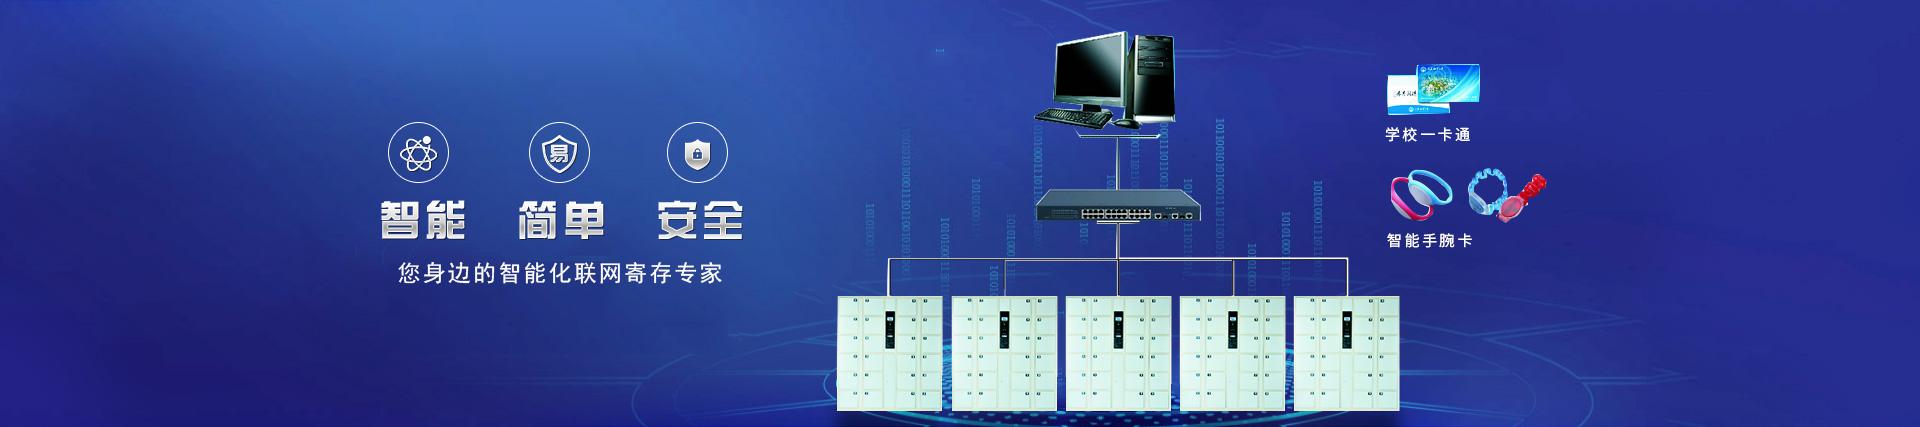 天瑞恒安卡式联网型寄存柜,智能,简单,安全